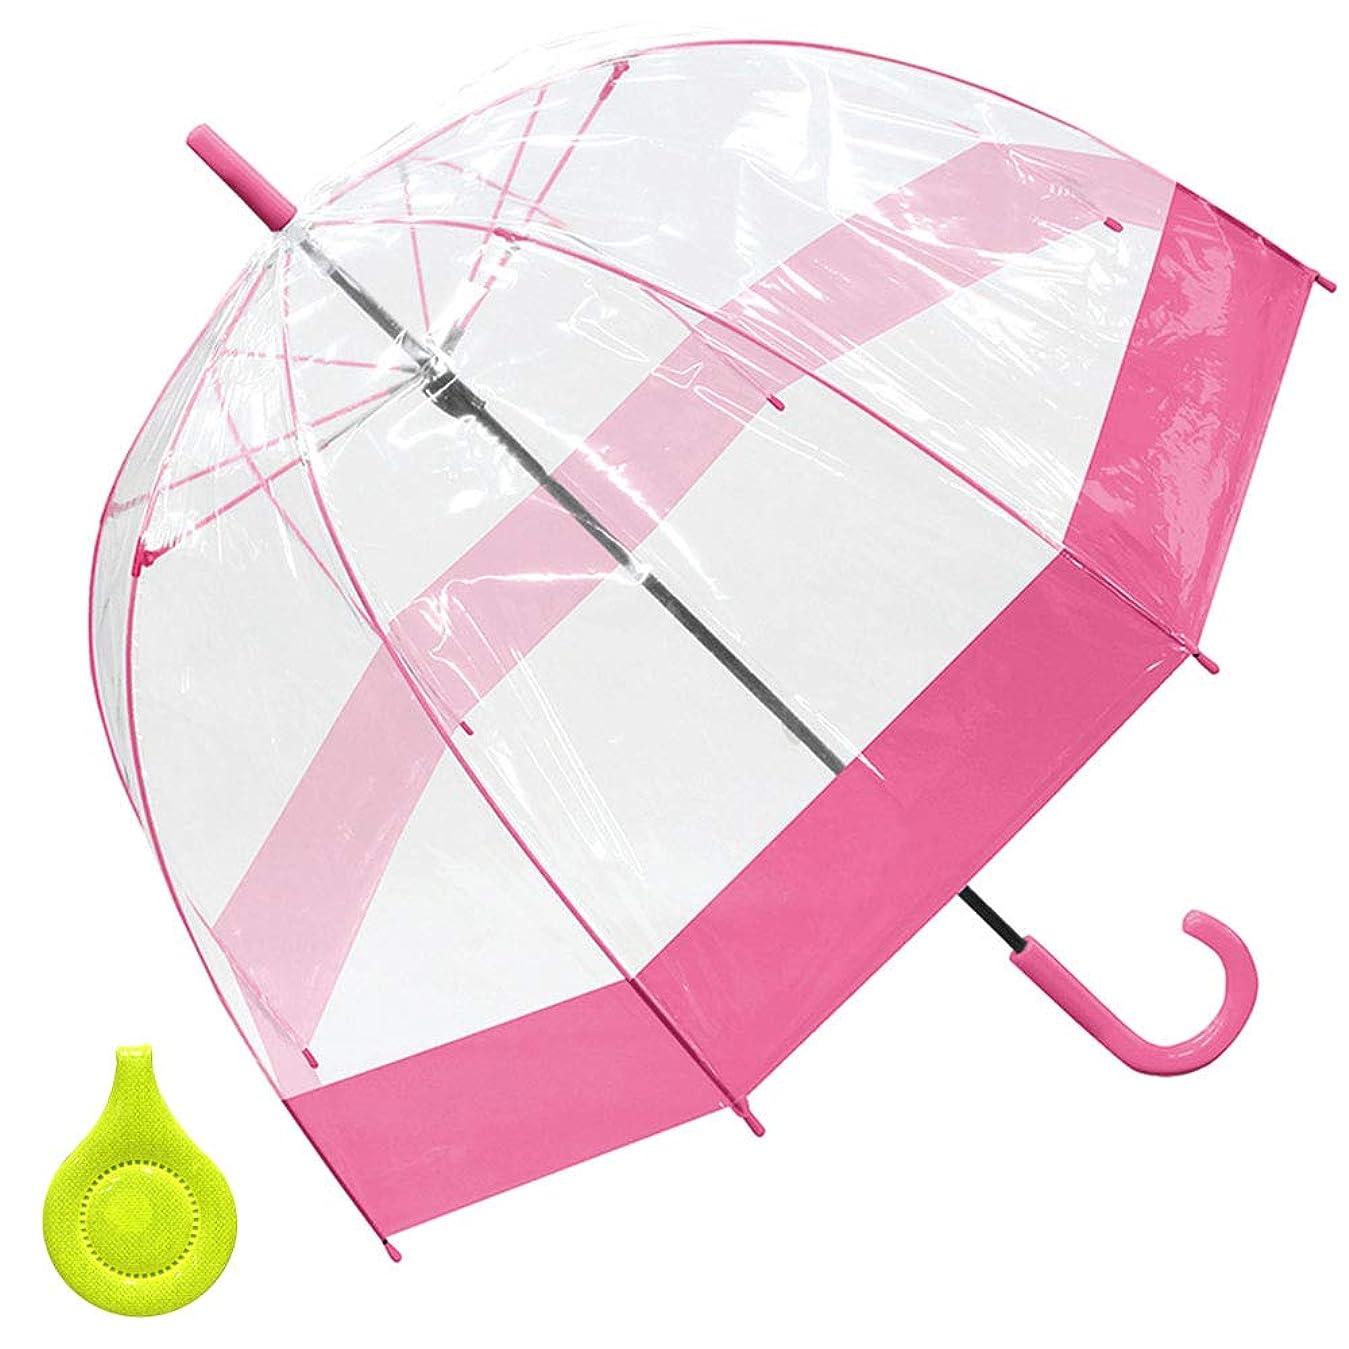 コール酸っぱい勤勉な女の子 子供傘 キッズ傘 55cm ジャンプ傘 長傘 リフレクター付き ゆめかわ ユニコーン